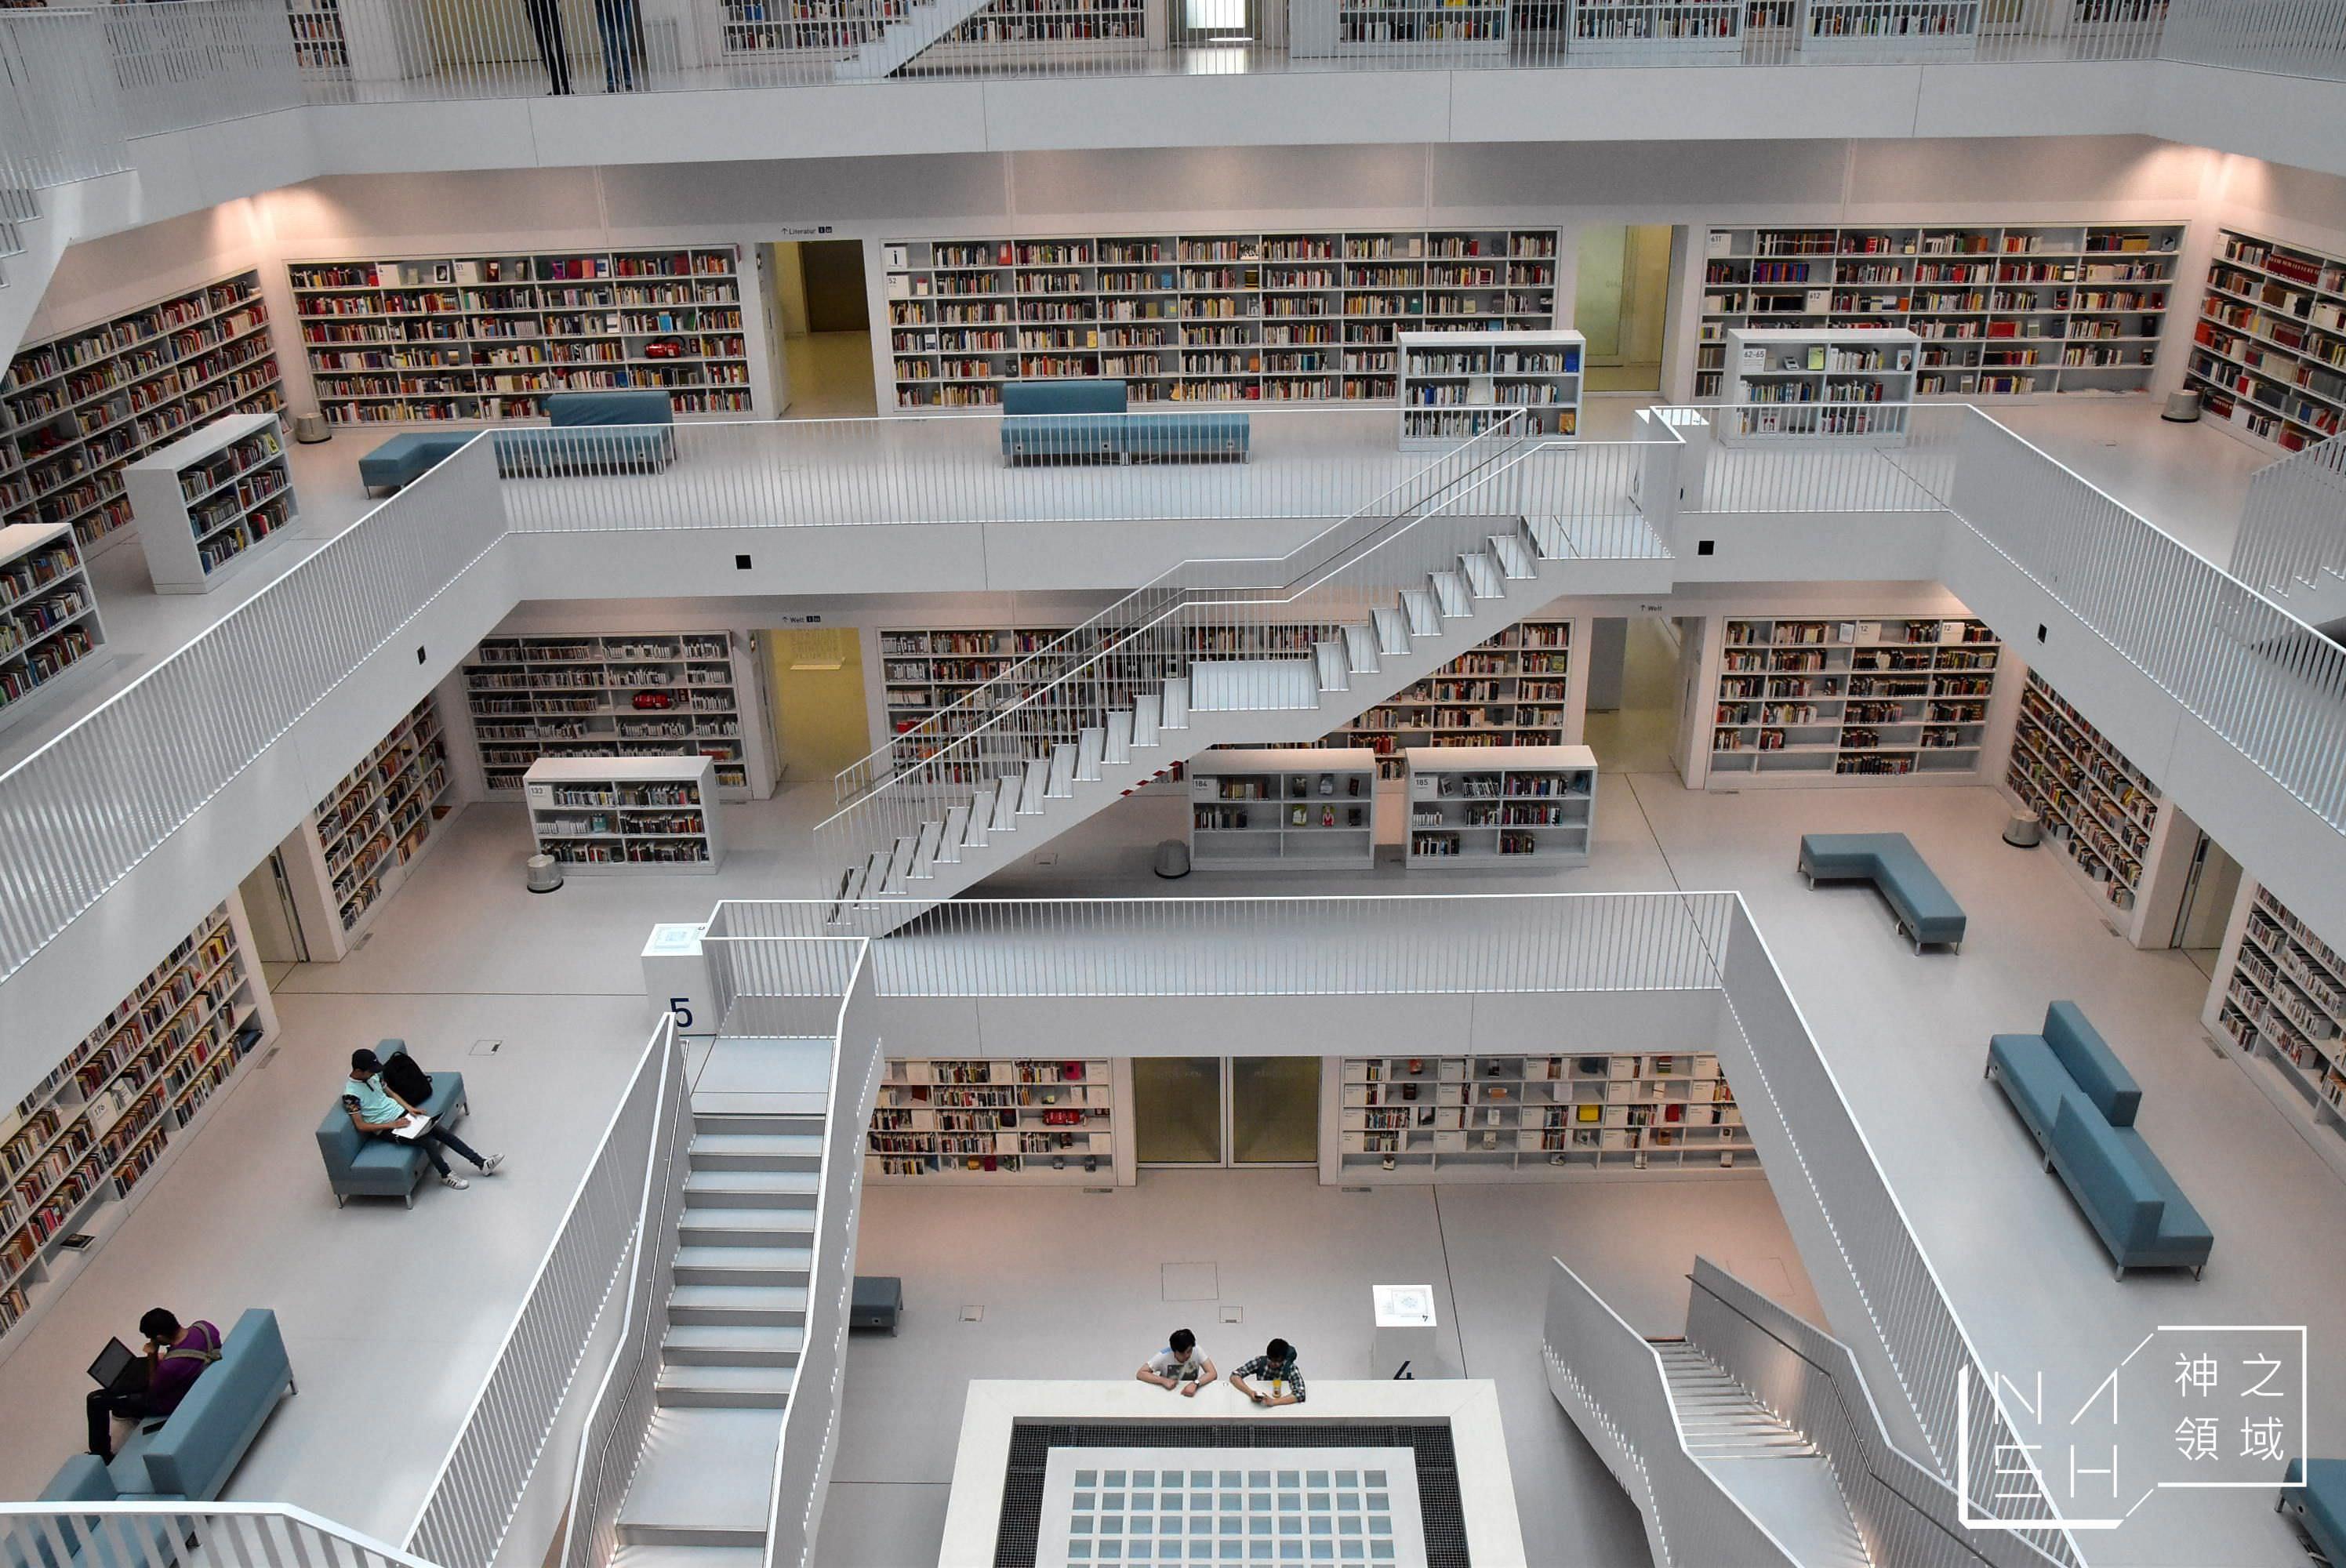 德國斯圖加特景點,德國斯圖加特景點推薦,德國斯圖加特圖書館,斯圖加特市立圖書館,斯圖加特圖書館